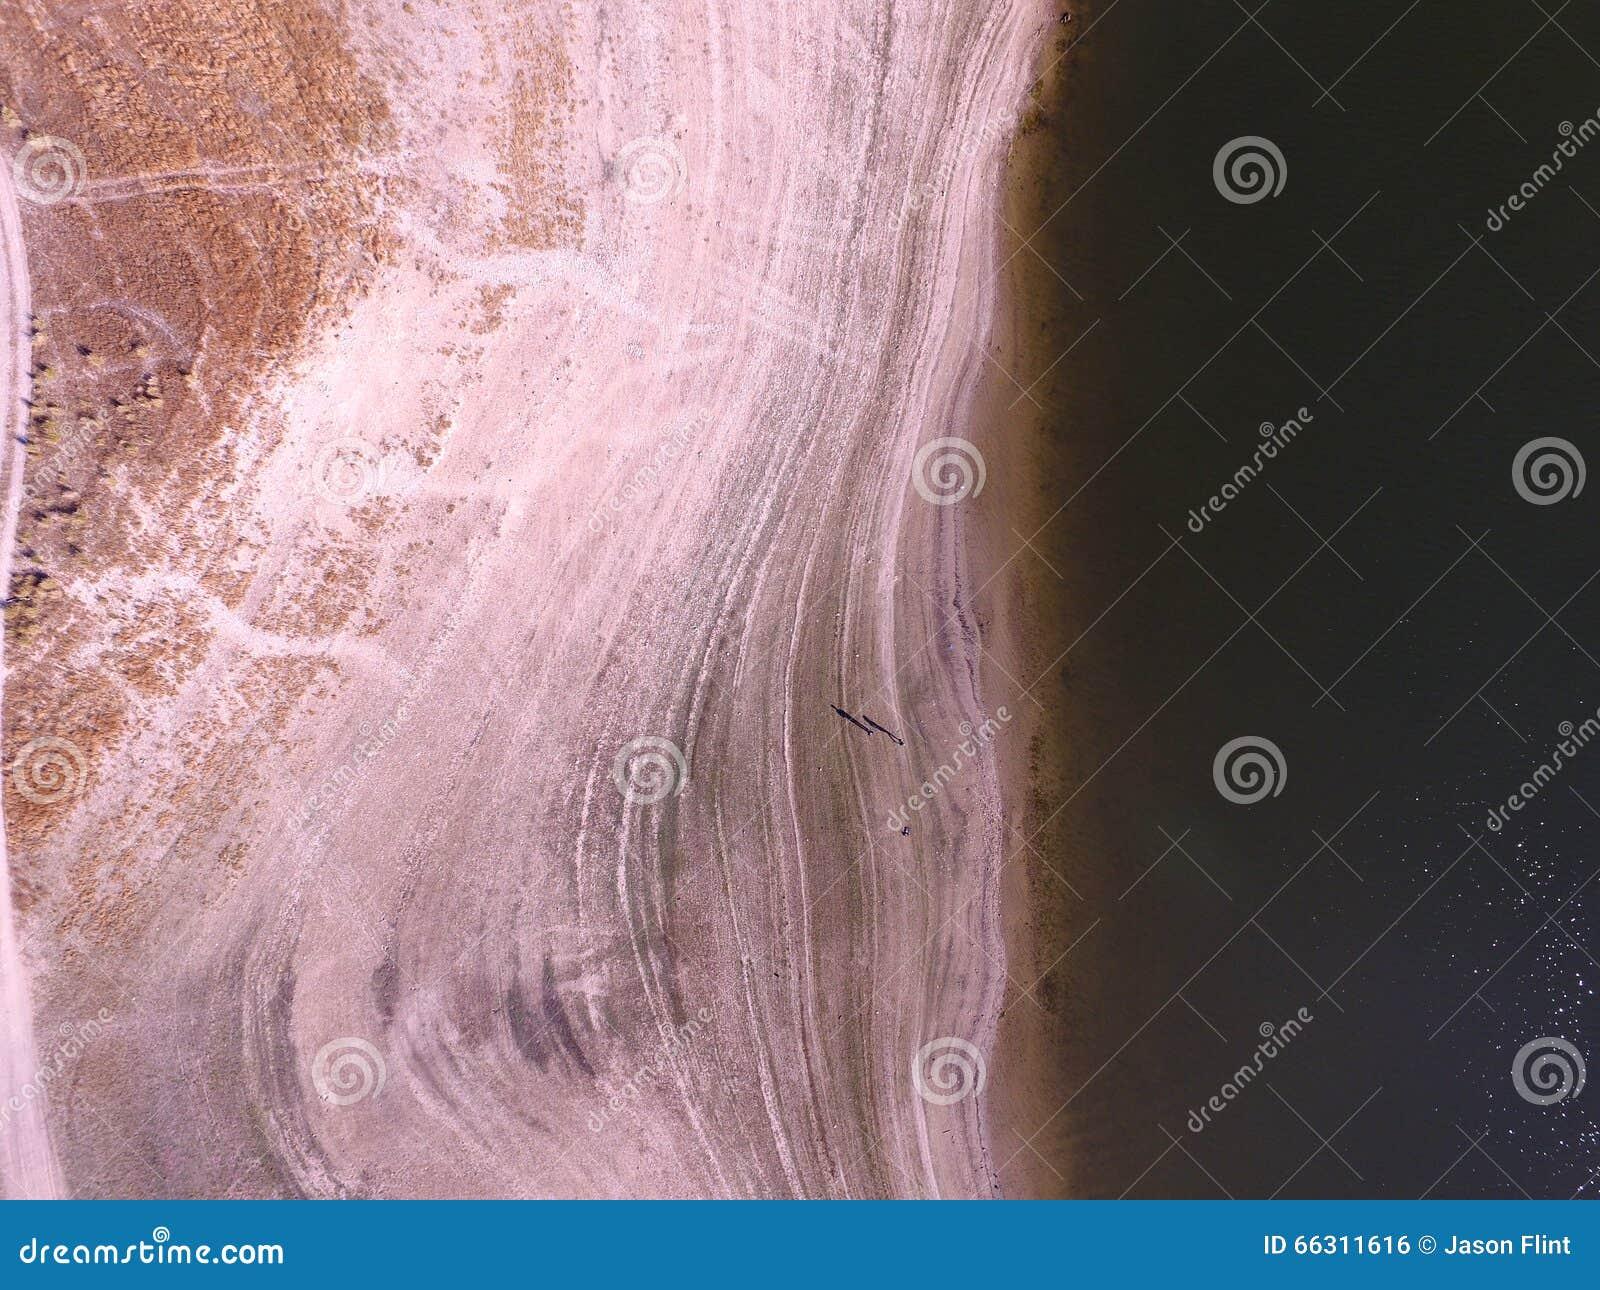 Фото 1 Embalse de Pedrezuela воздушное